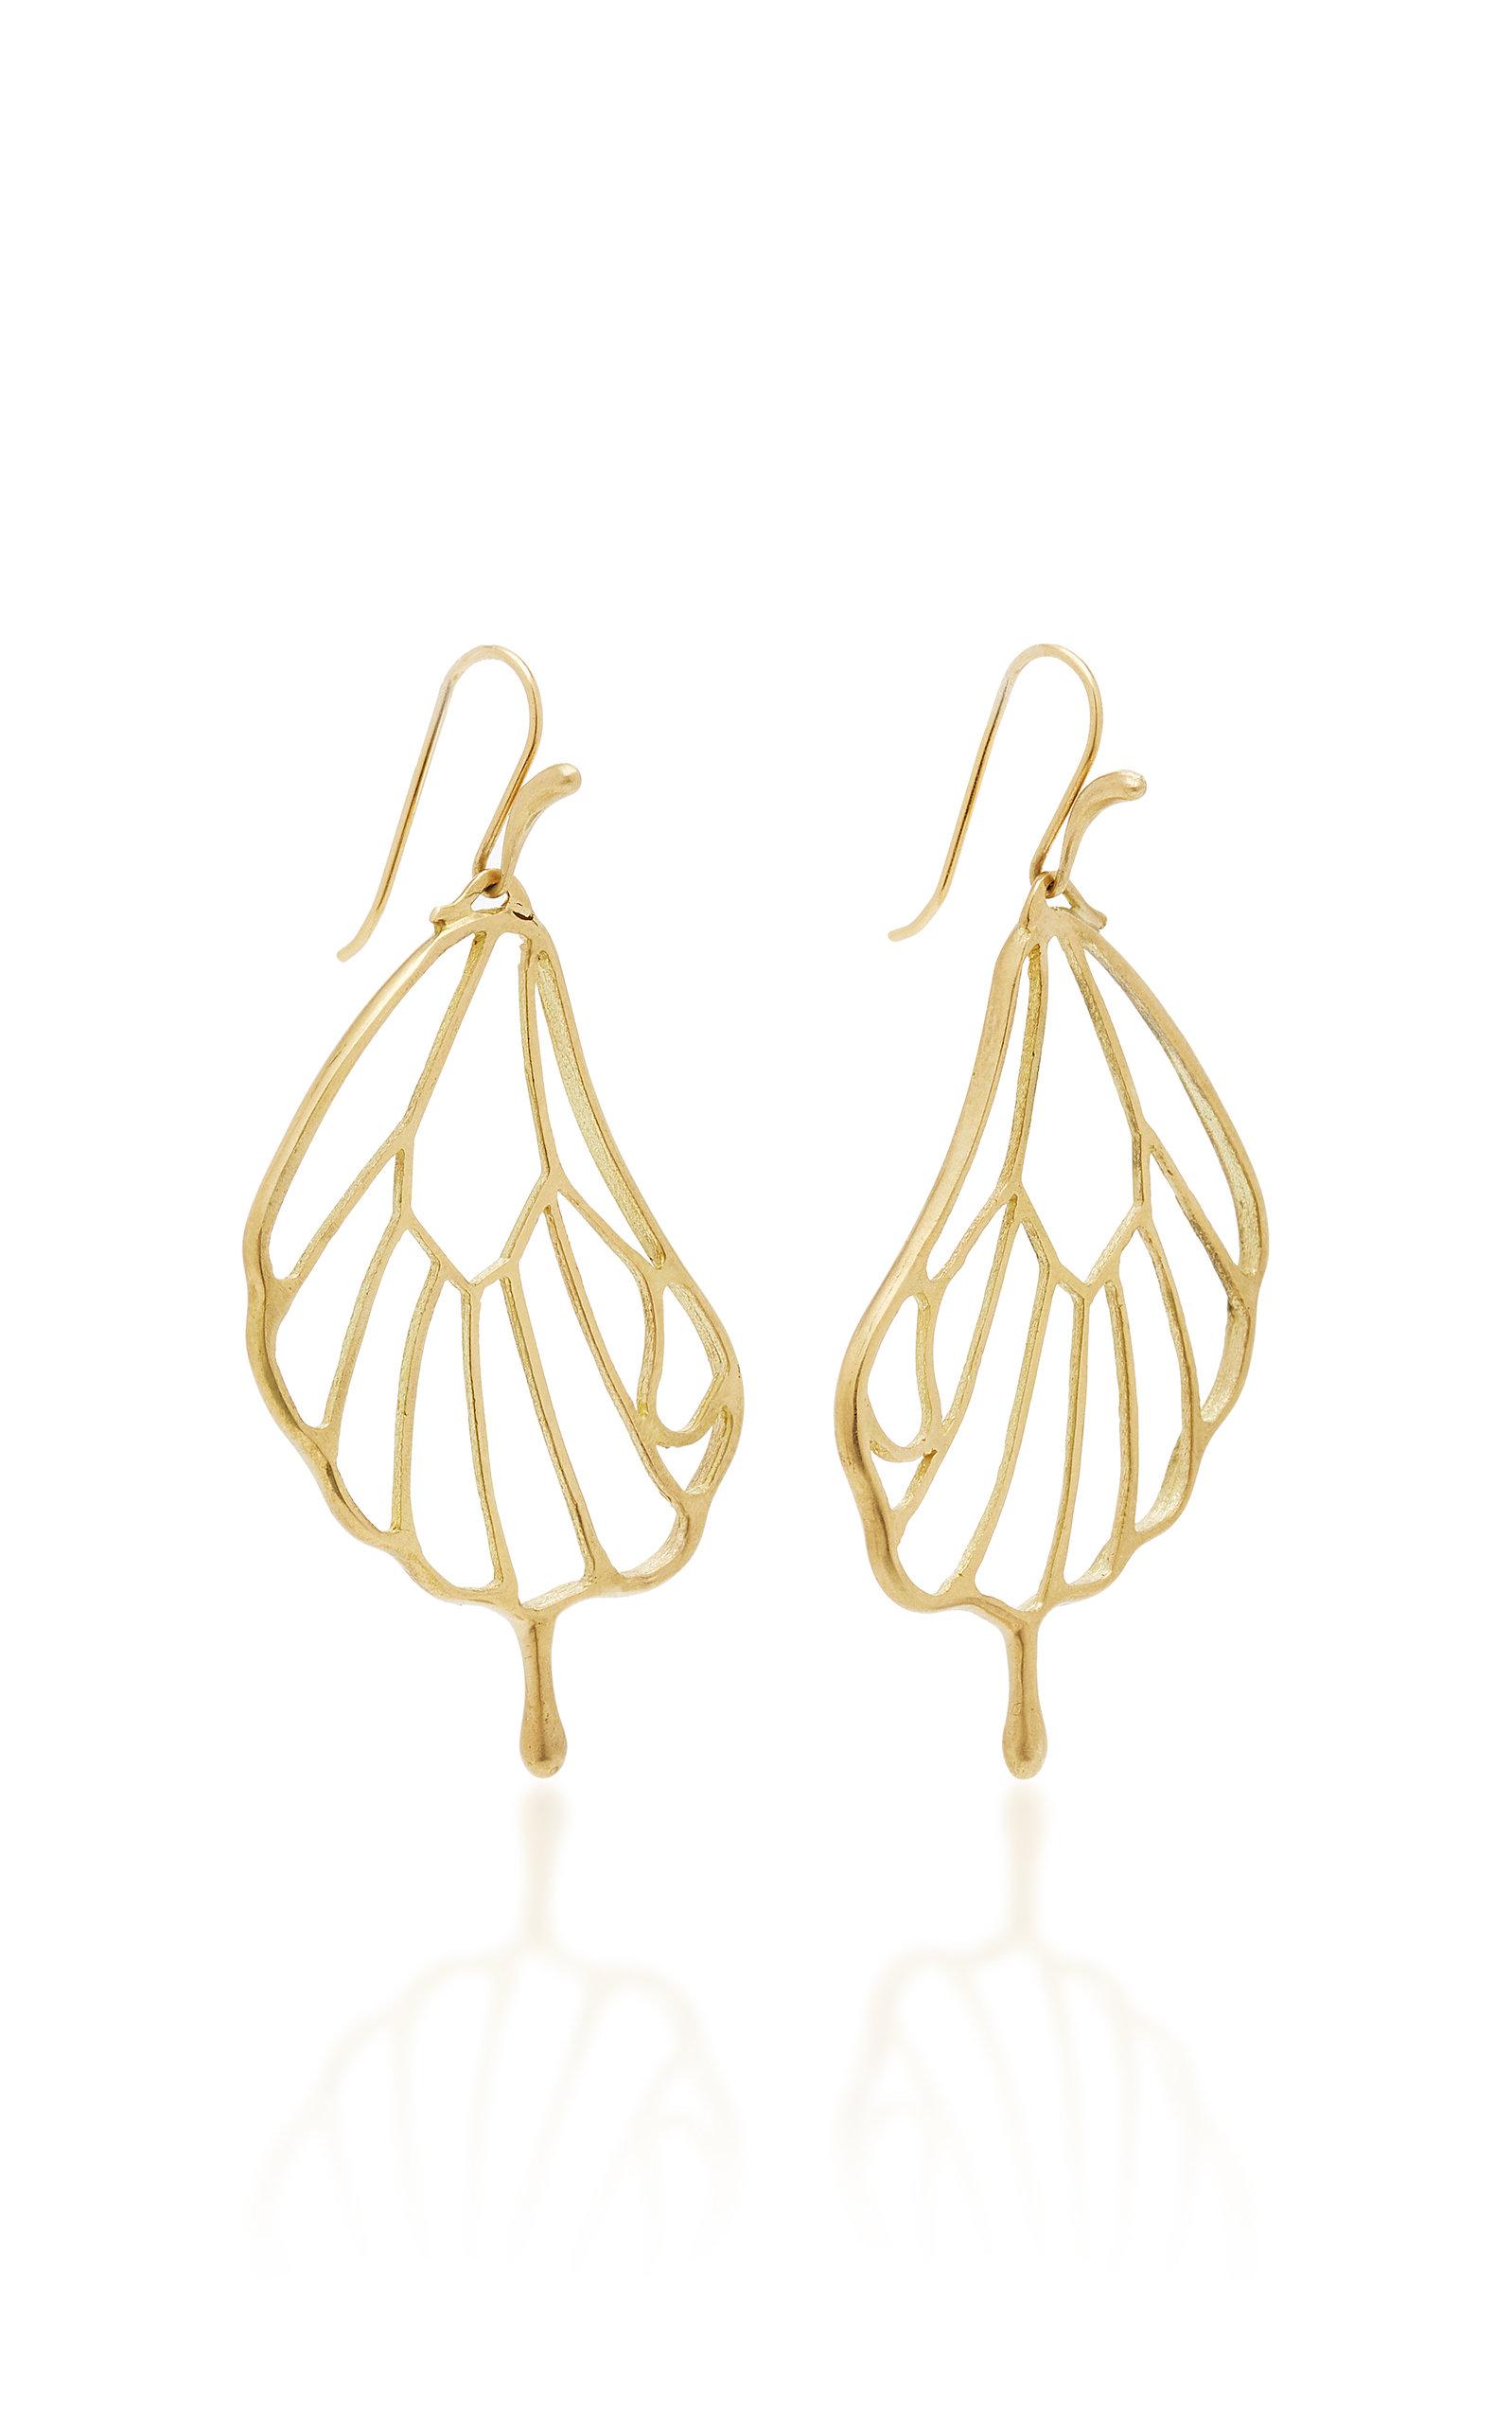 18K Gold Pampion Wing Earrings Annette Ferdinandsen 5RBuydVND